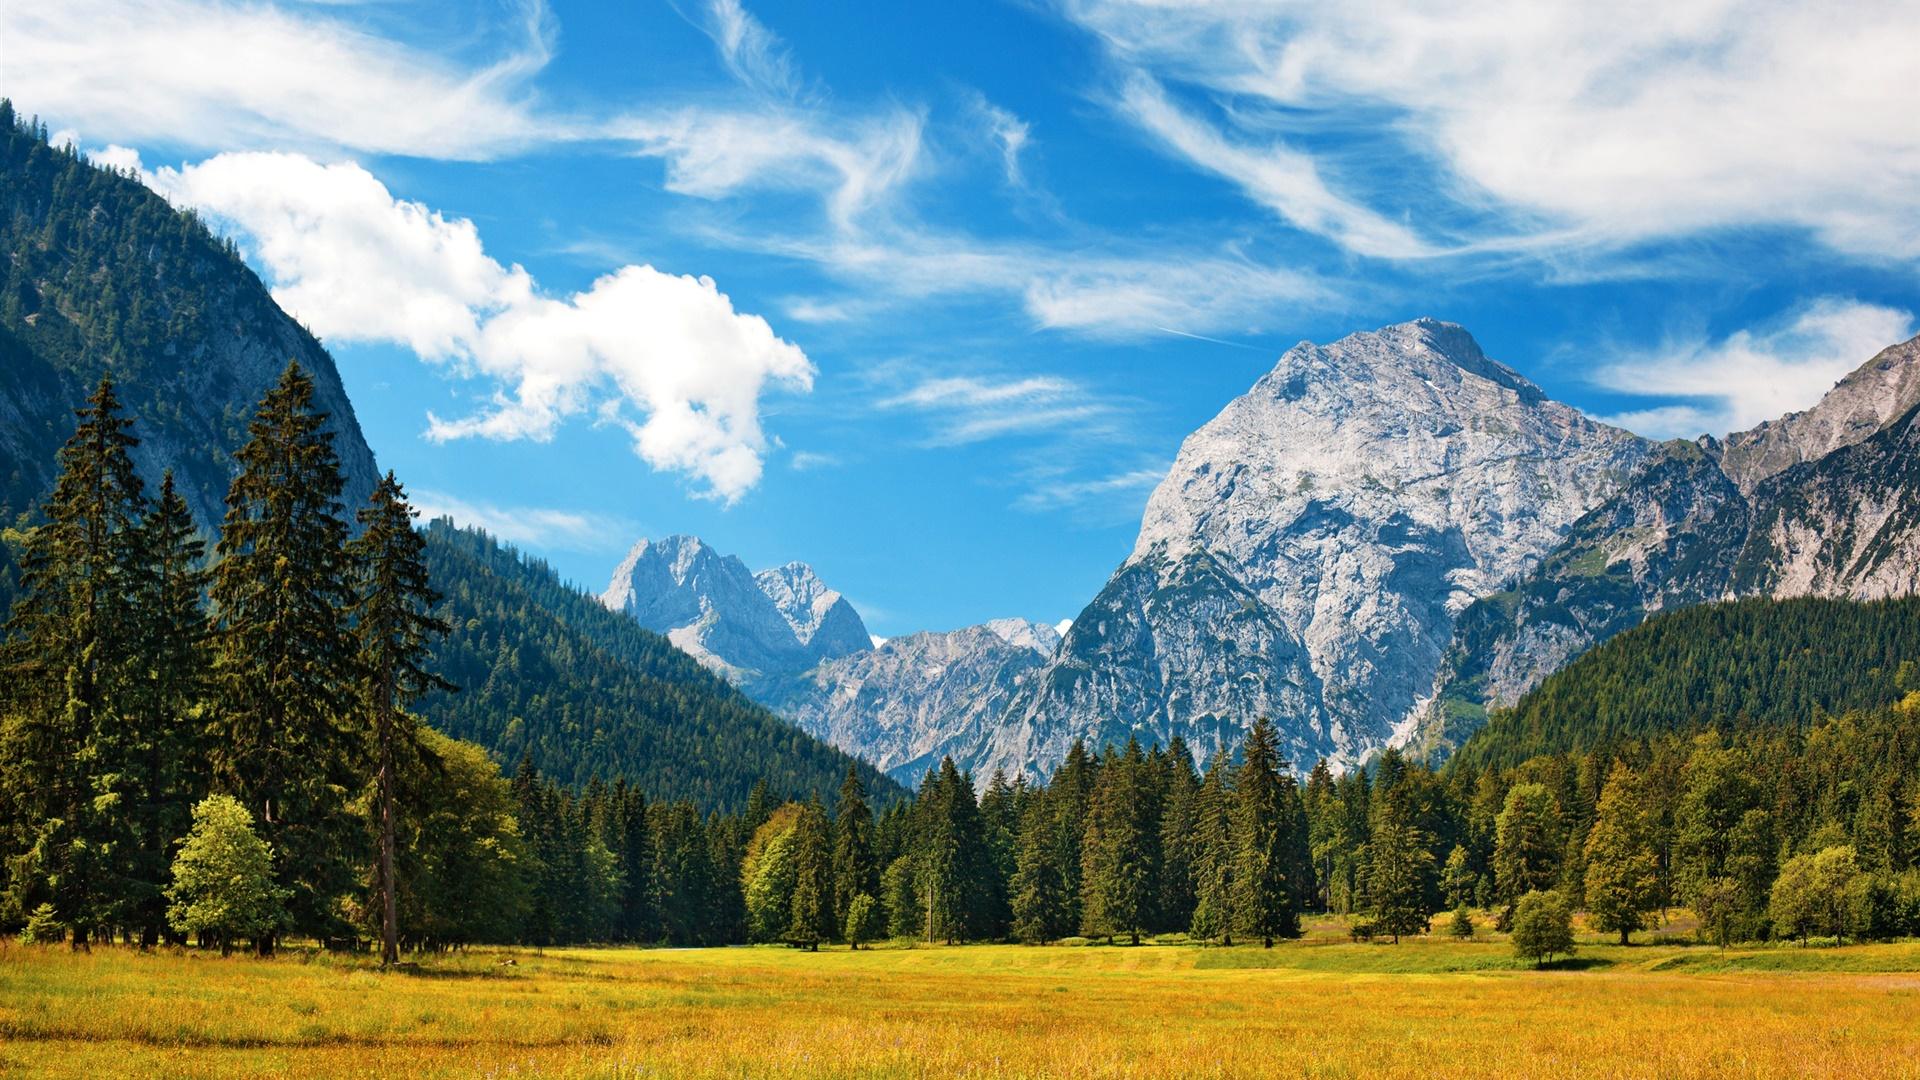 アルプス 秋 青い空 雲 森 草 デスクトップの壁紙 19x1080 壁紙をダウンロード Ja Hdwall365 Com